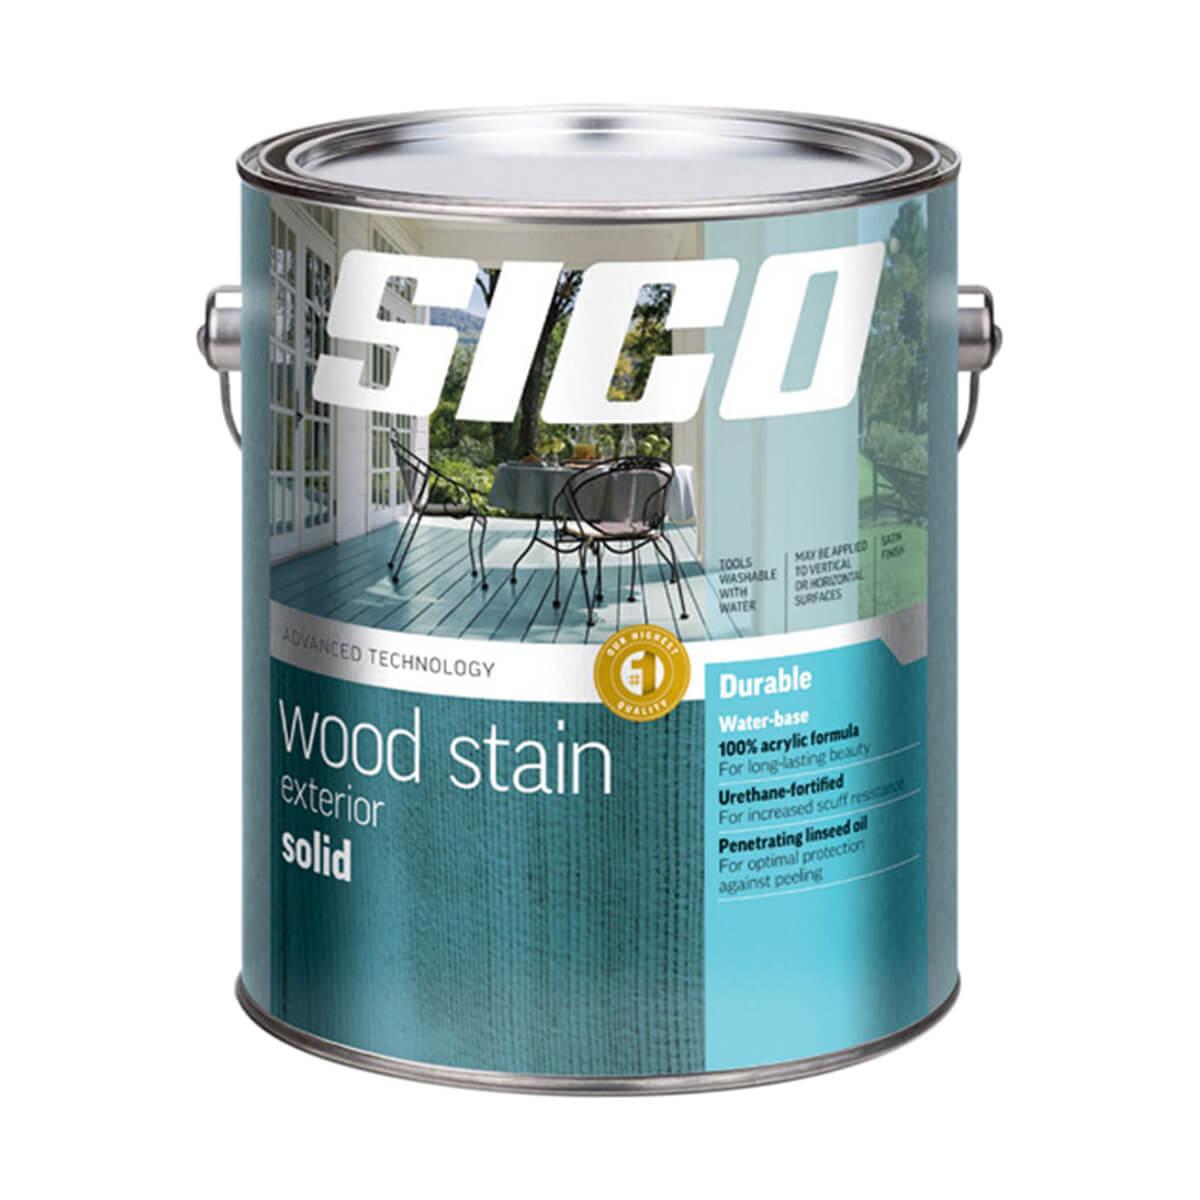 Sico Solid Exterior Stain Medium Base 232-502 - 3.6 L